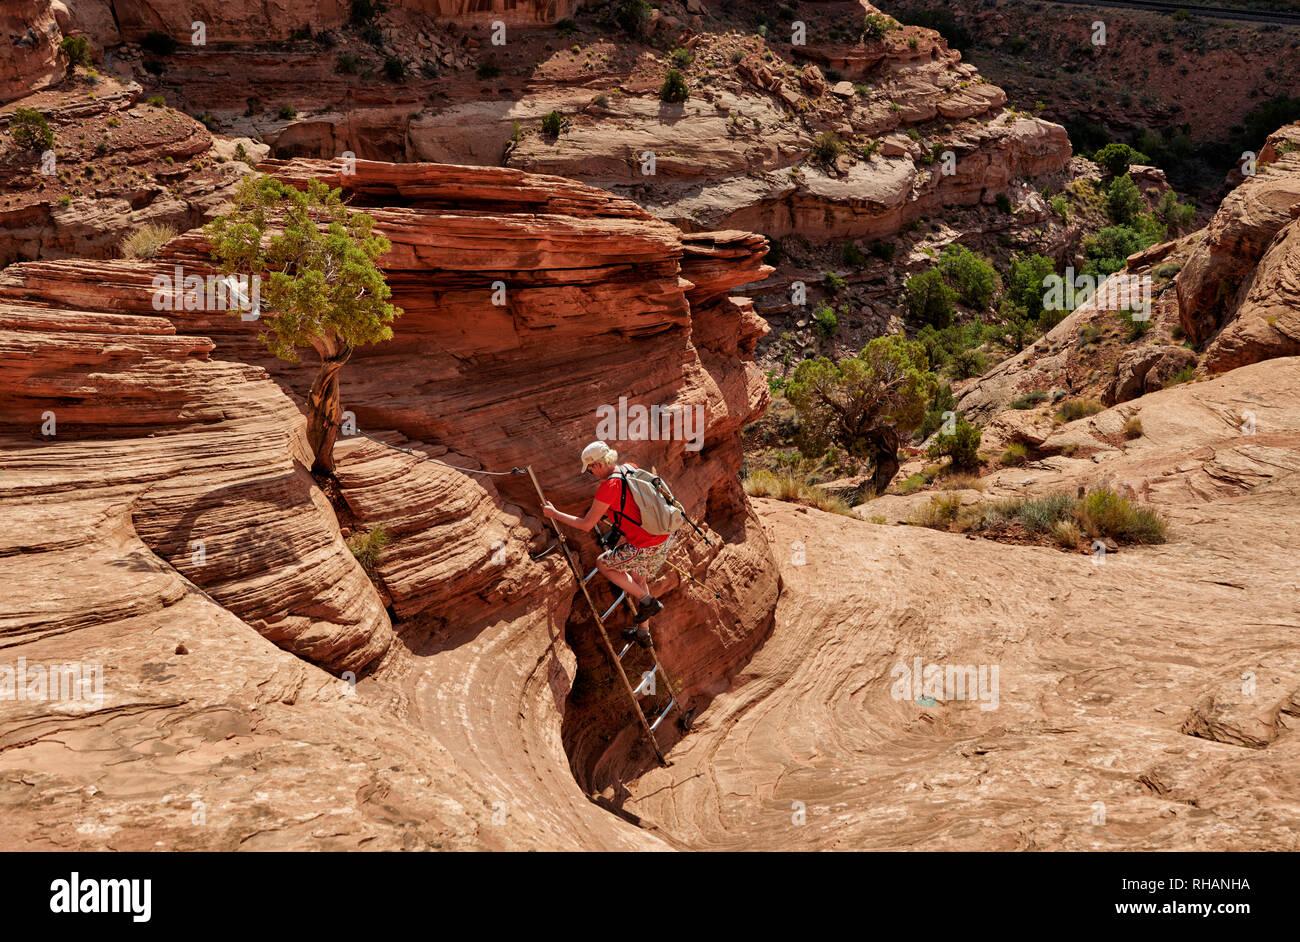 Escursionista vicino arco di corona si arrampica su una scala a pioli, Moab, Utah, USA, America del Nord Immagini Stock